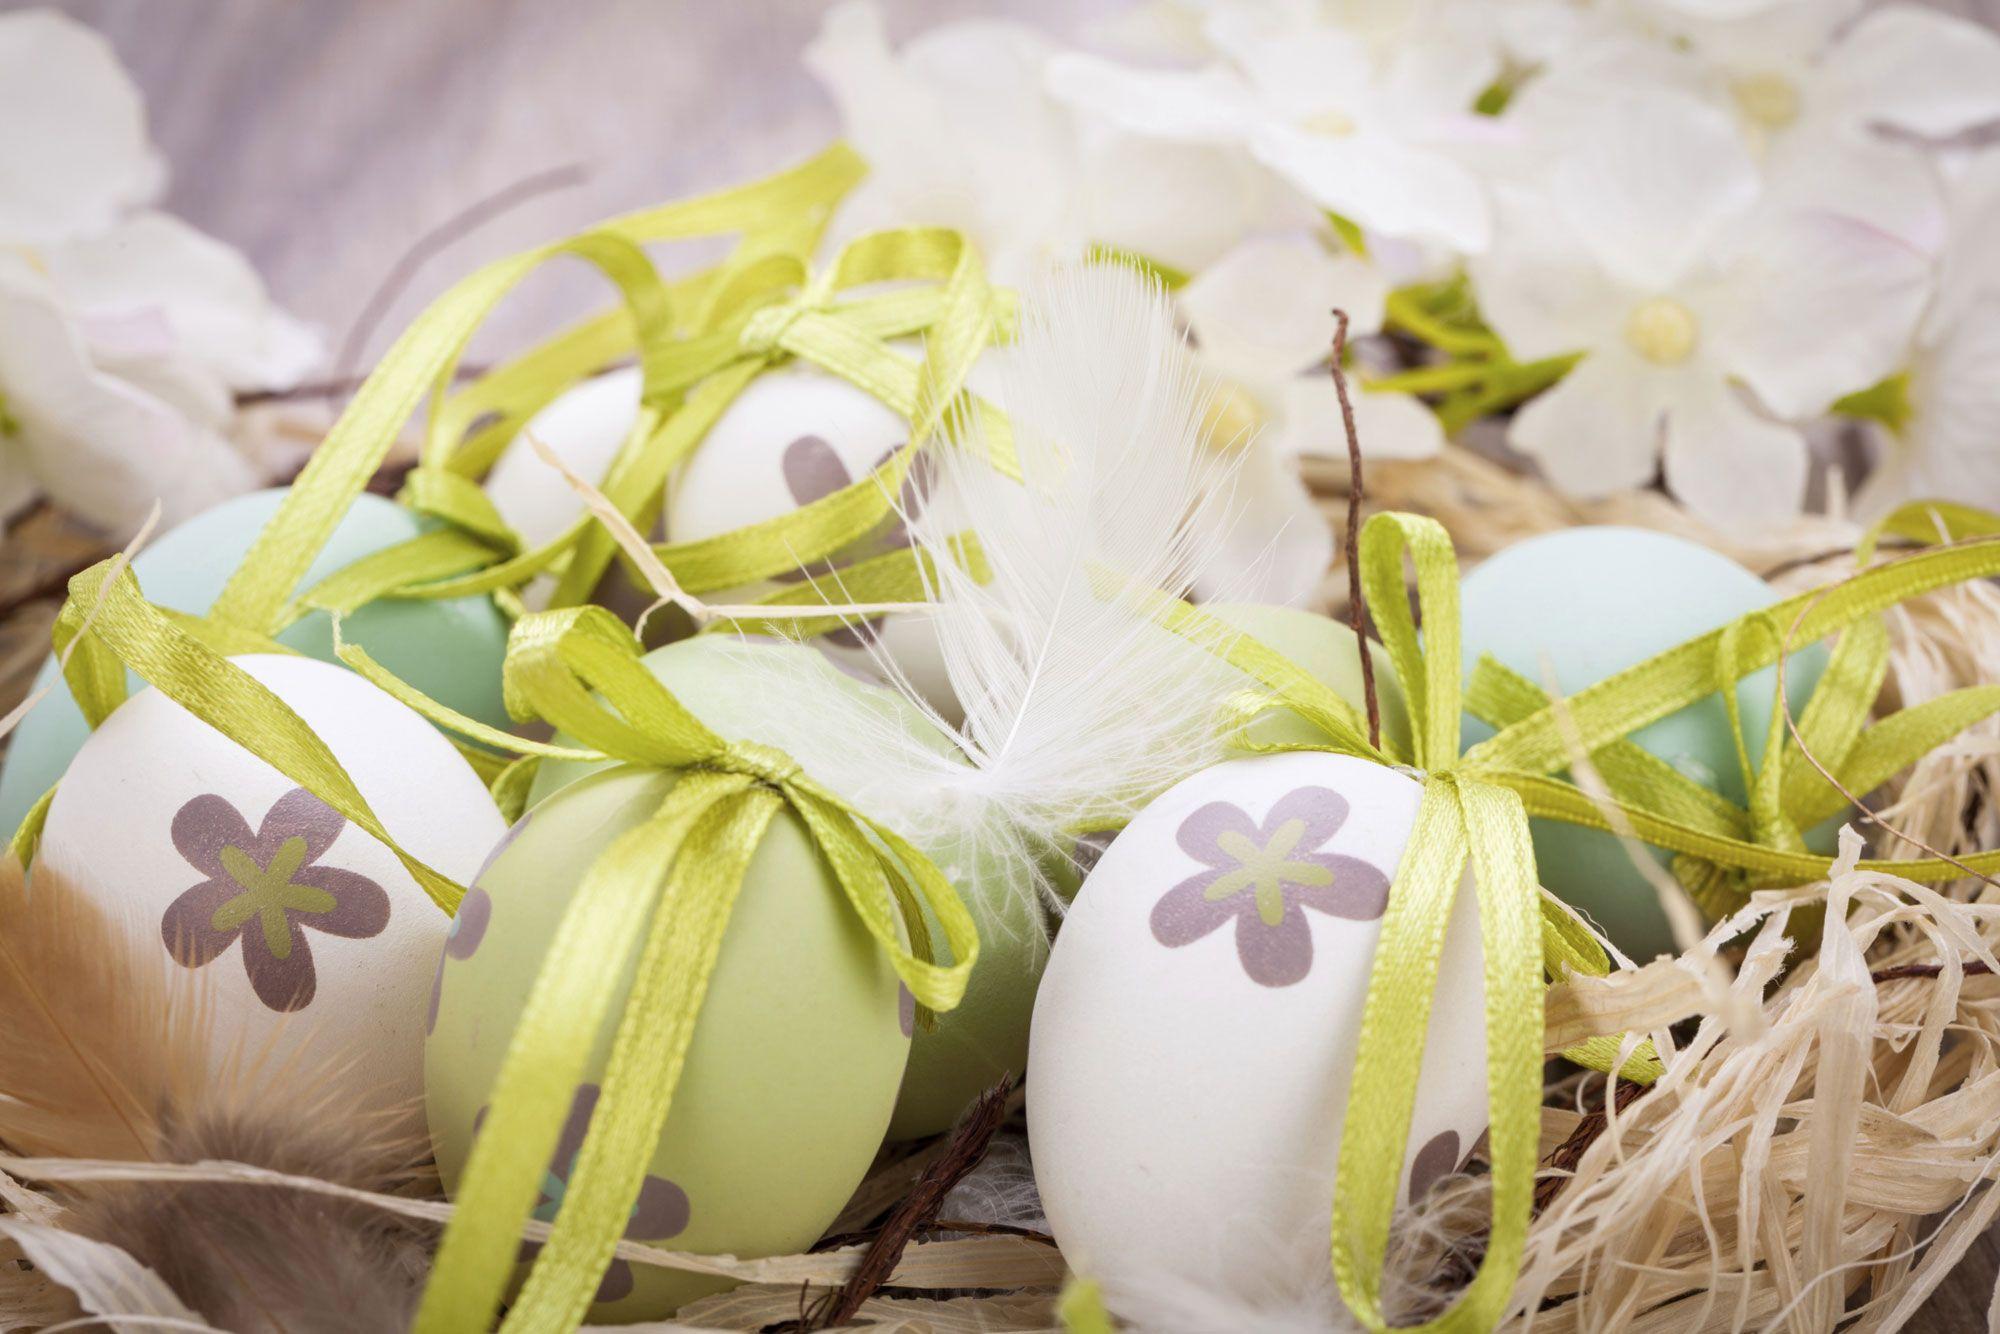 Couleurs pour la décoration de Pâques